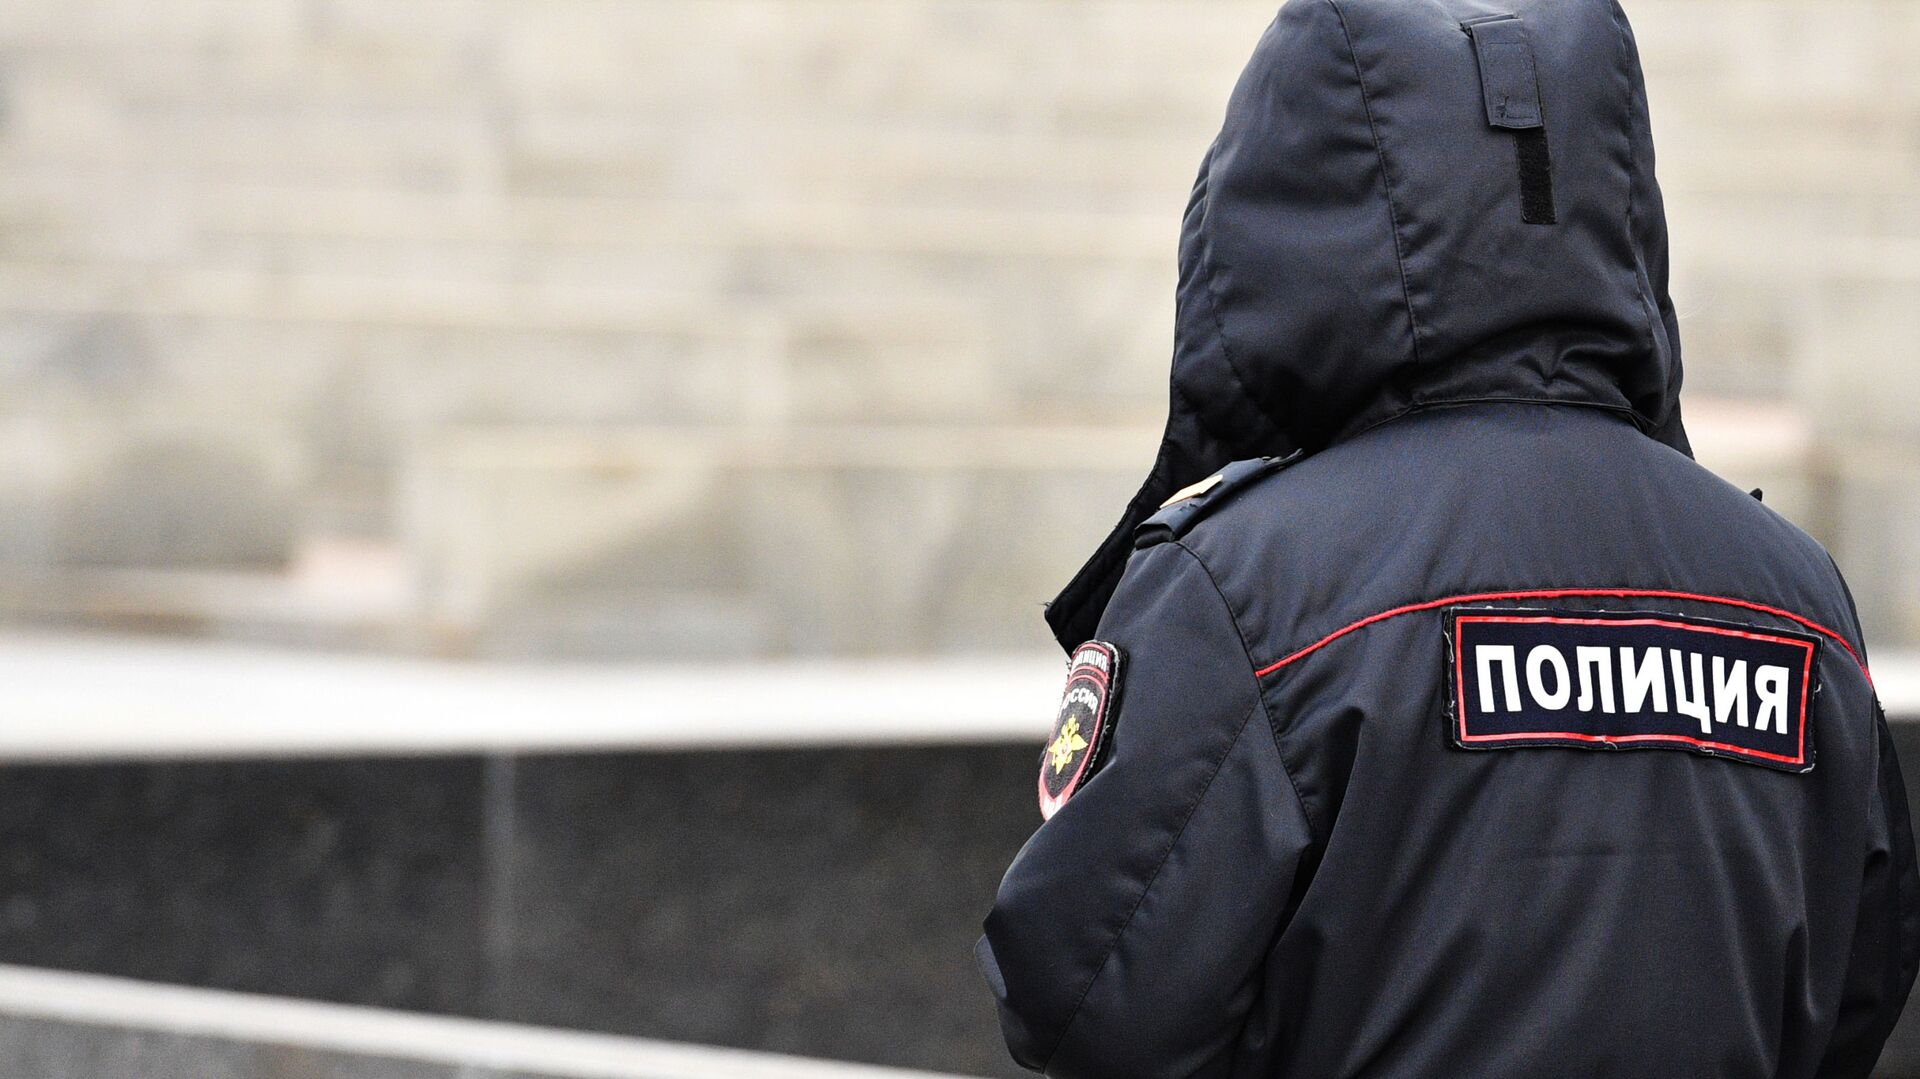 Сотрудник полиции  - РИА Новости, 1920, 28.10.2020